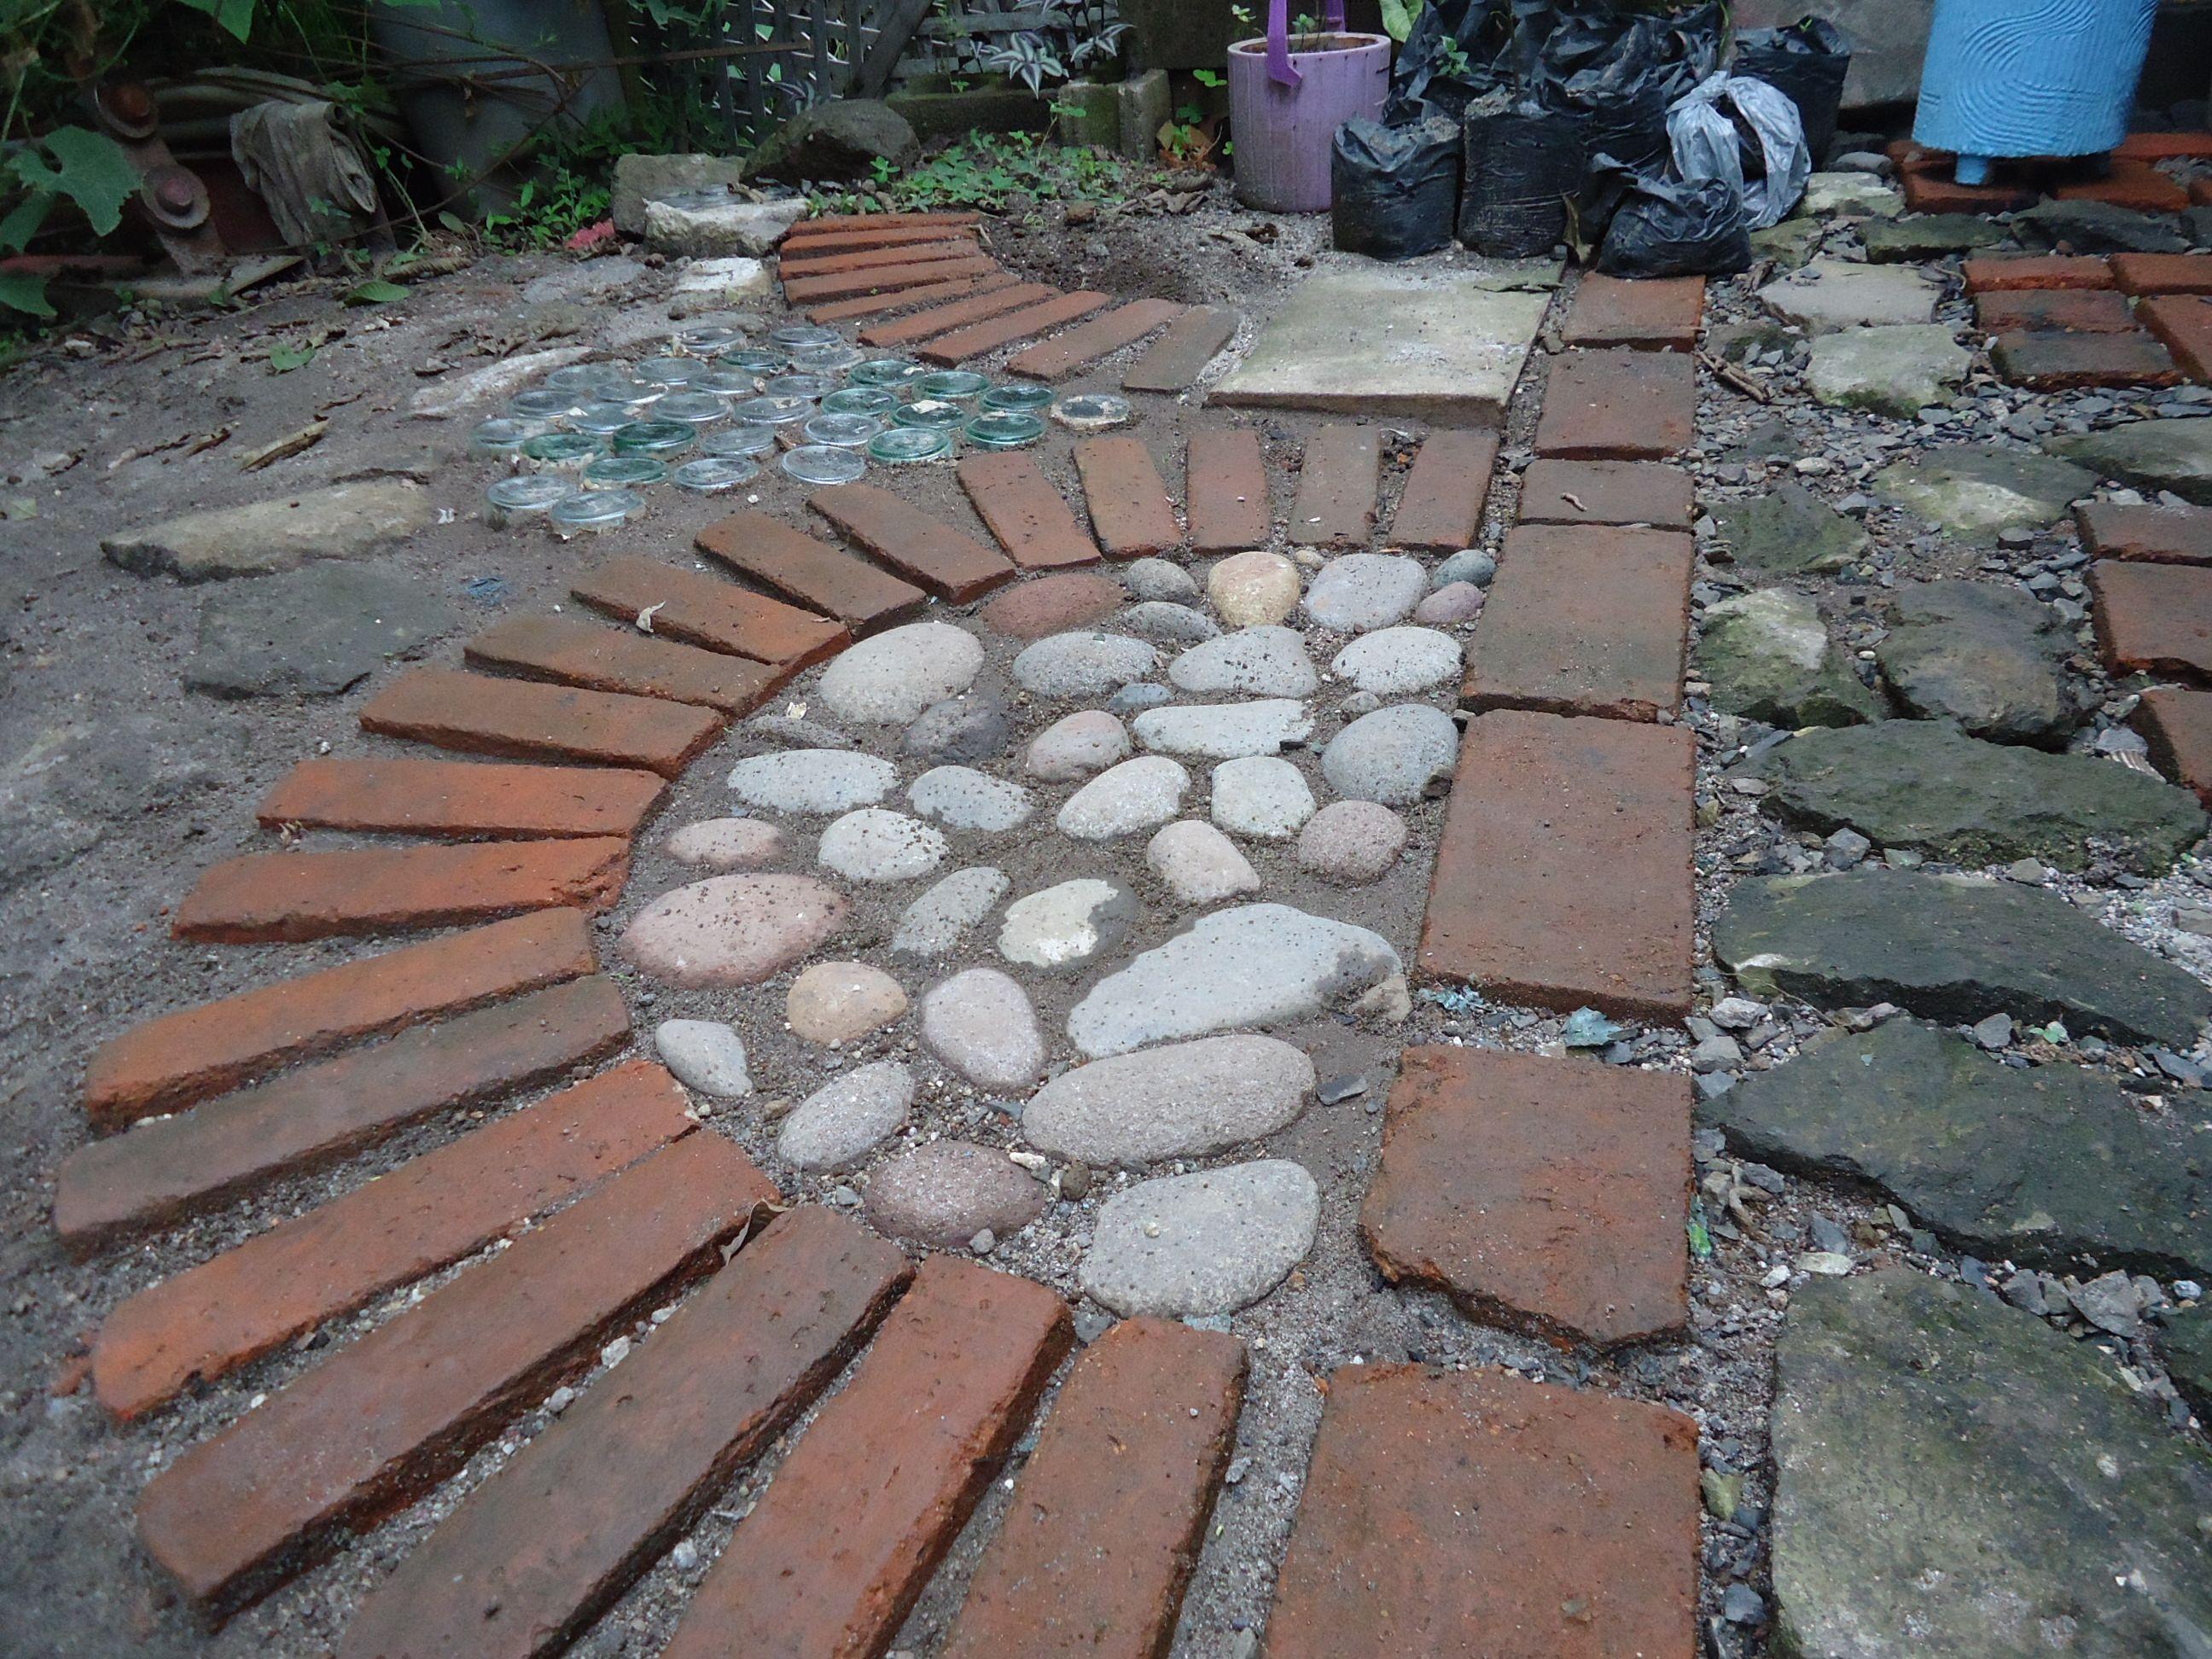 gaviones decorativos bali piedra natural gavion rojo piso de patio sin argamasa piedra de rio ladrillo rojo y botellas.